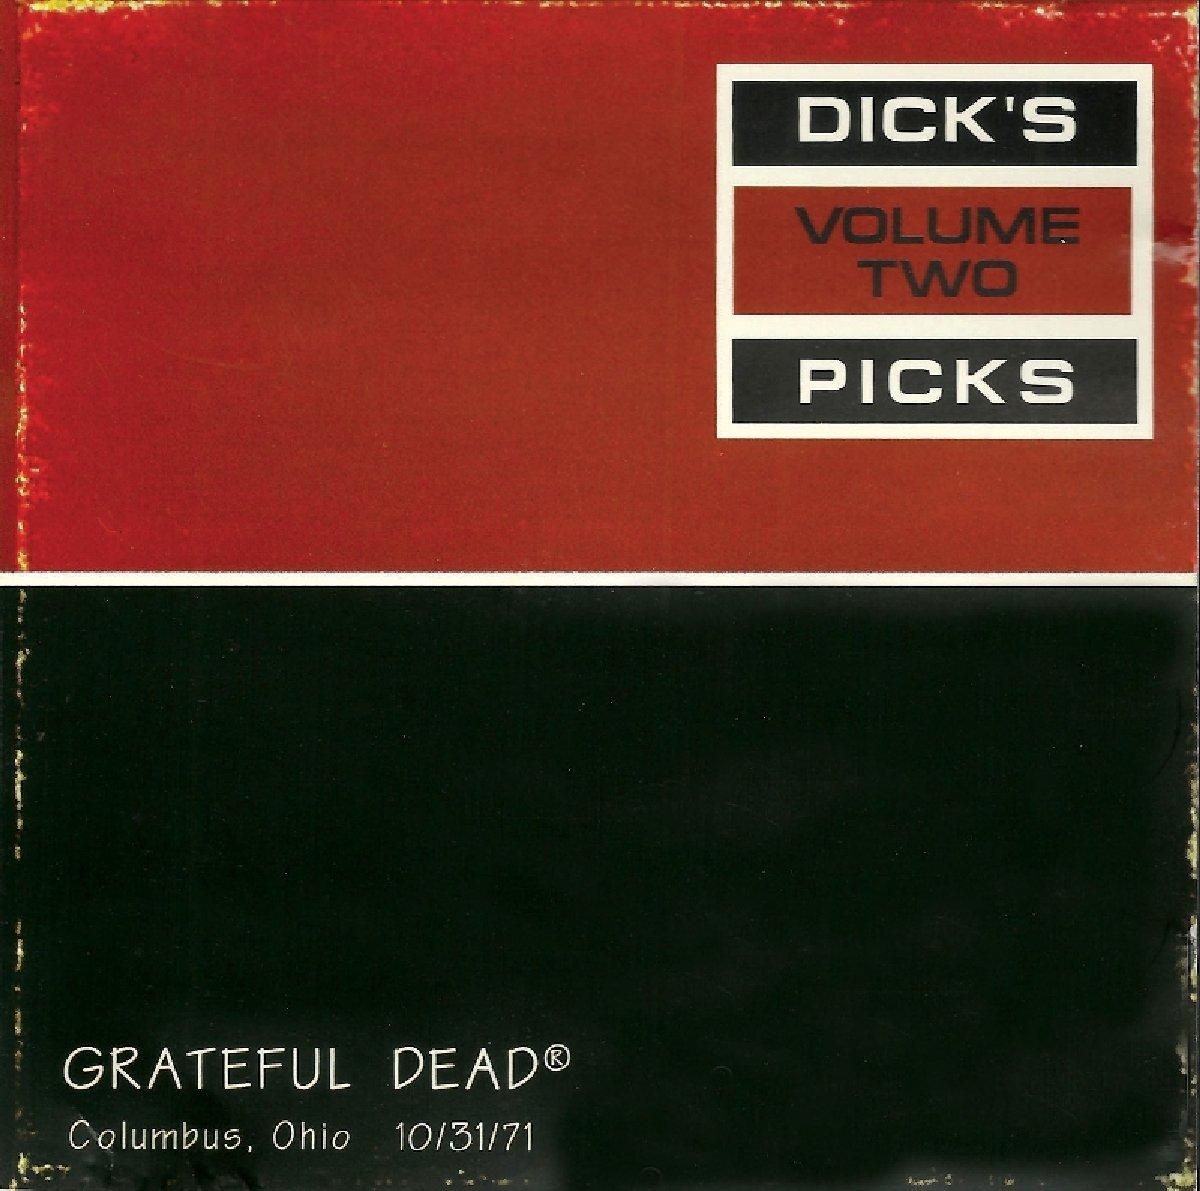 Grateful Dead - Dick's Picks Vol. 2: Columbus, Ohio 10/31/71 - Amazon.com  Music